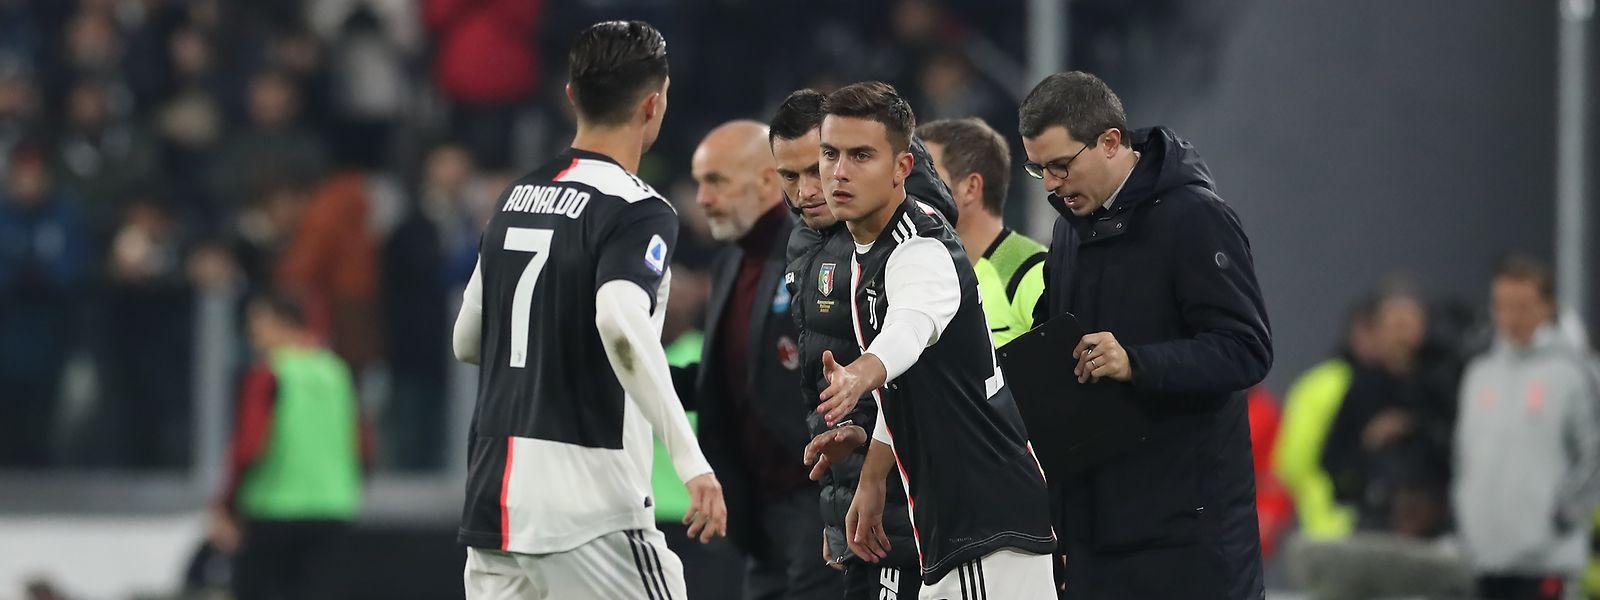 Le remplacement de Cristiano Ronaldo par Paulo Dybala dimanche soir avec la Juventus a fait couler beaucoup d'encre.